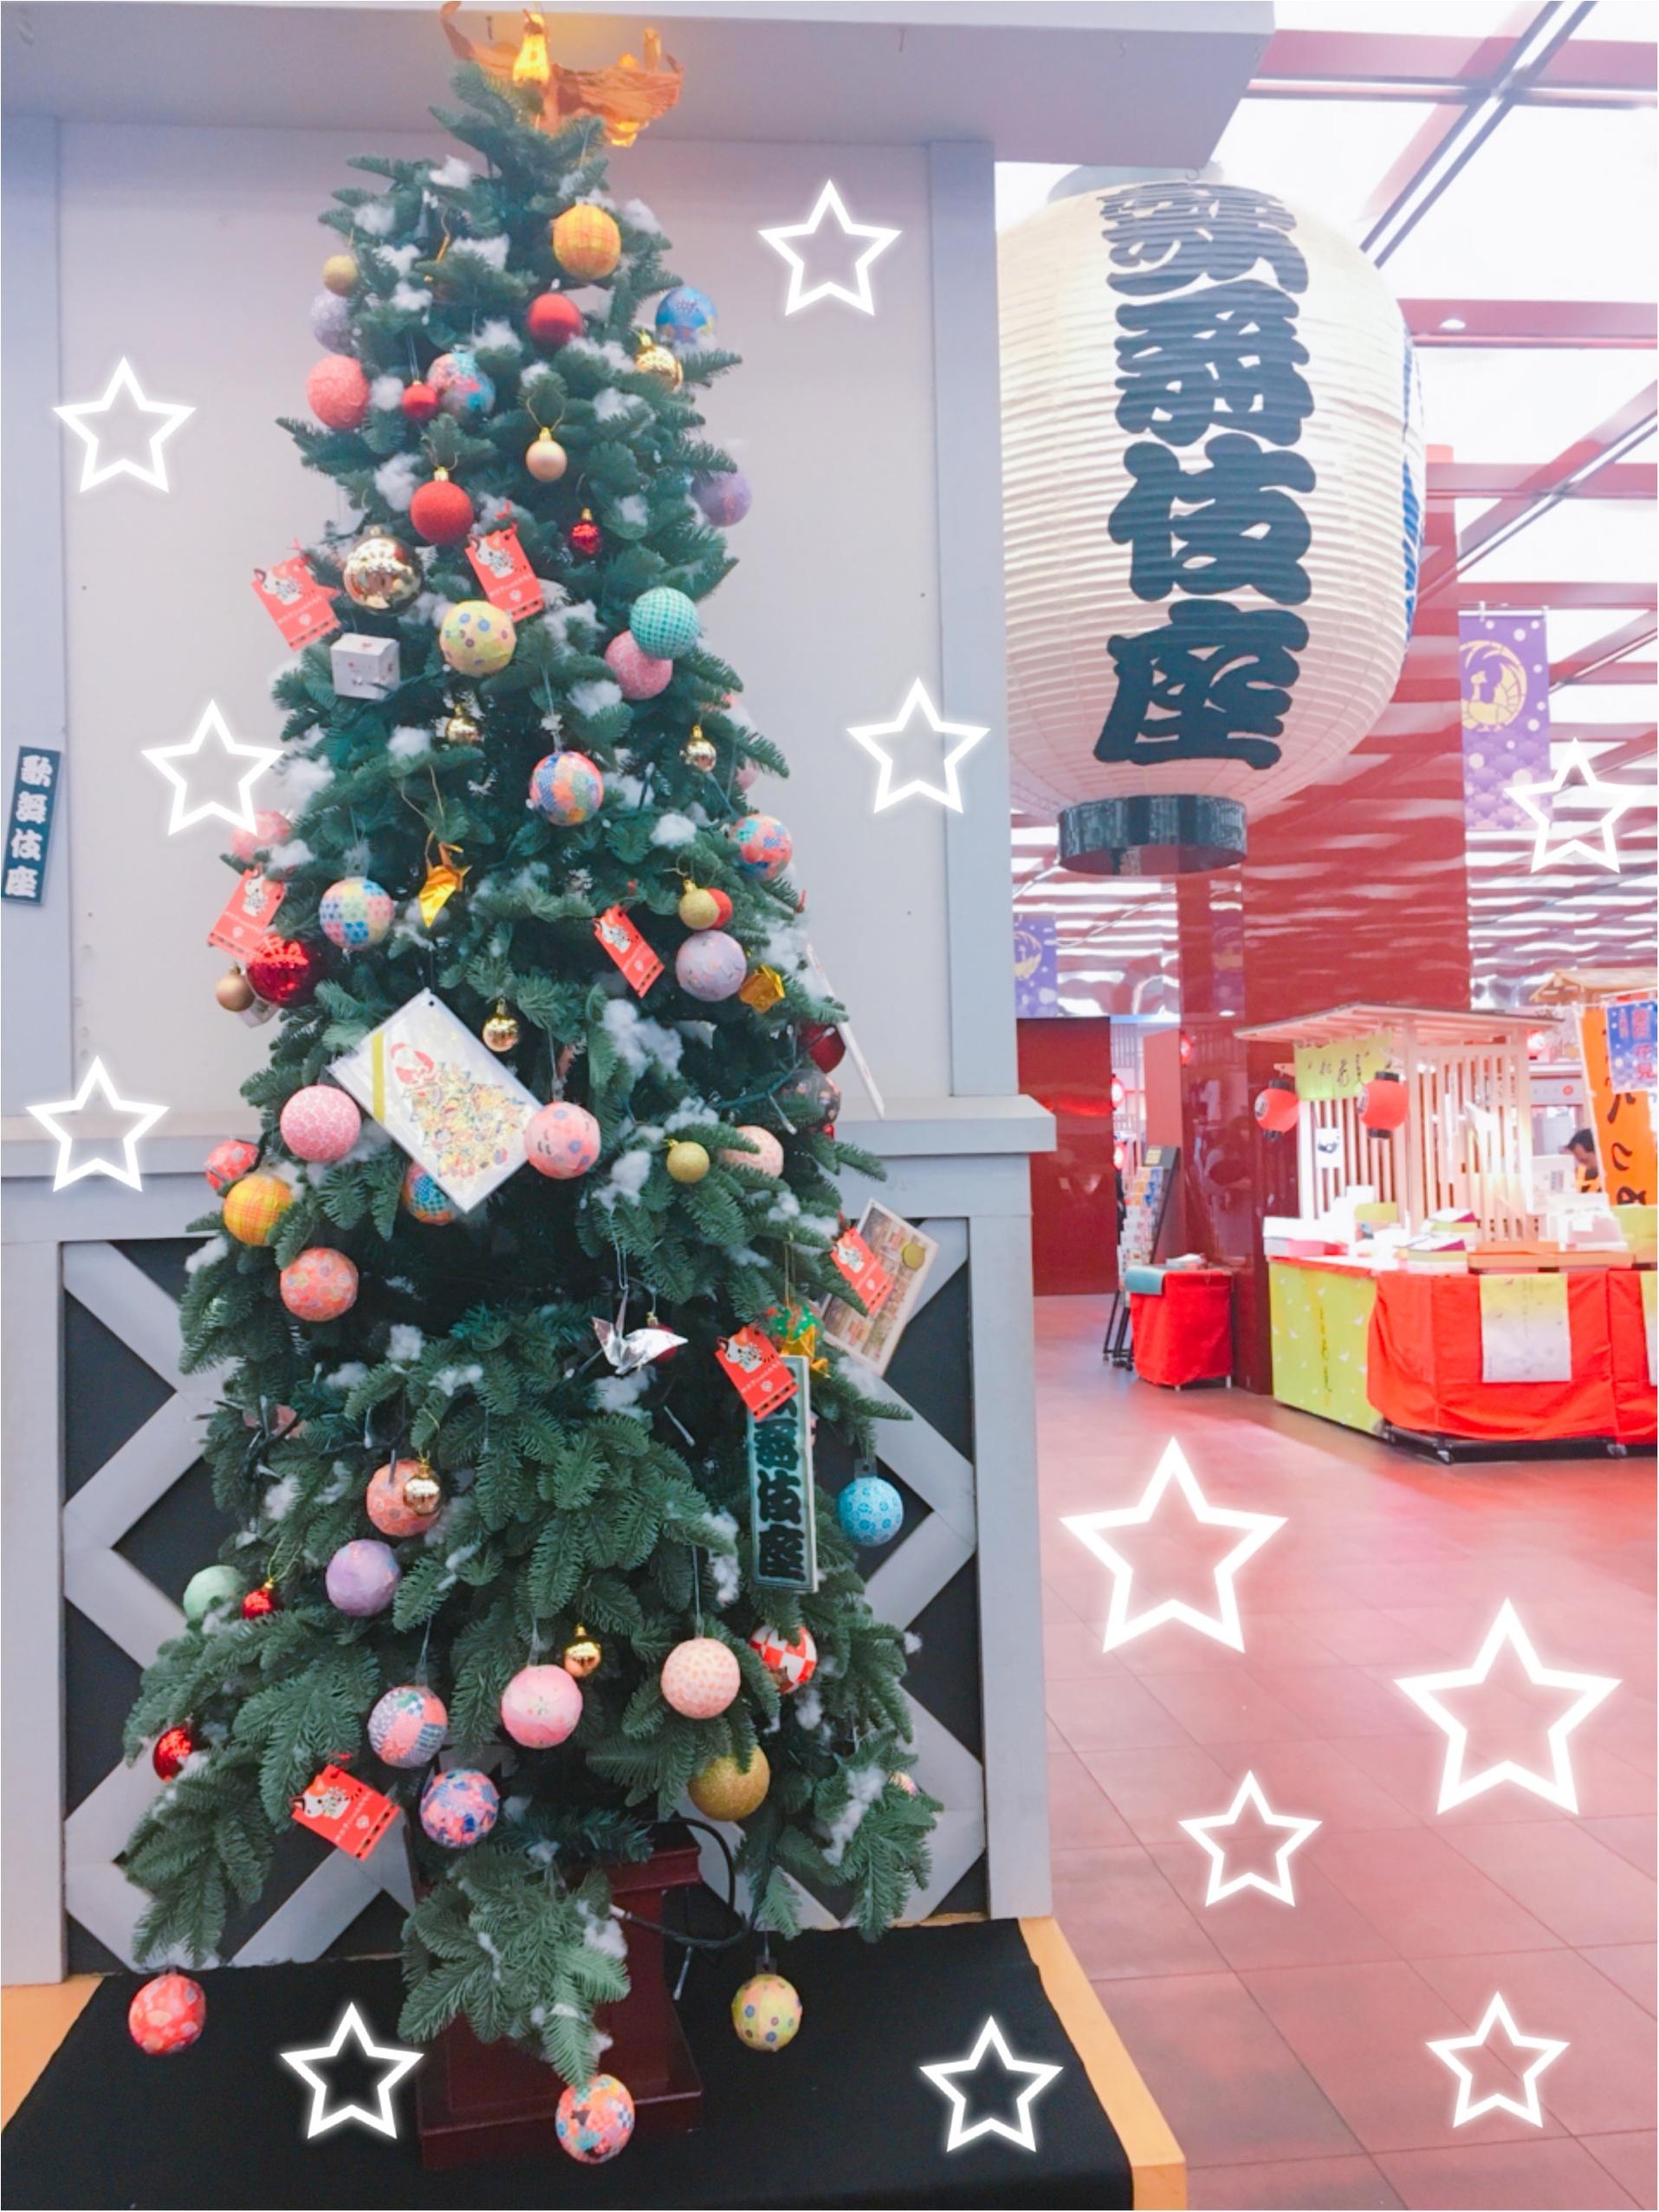 【クリスマスまであと6日!】クリスマスツリーでカウントダウン☆ ポップなデコレーションがかわいい和のツリー@歌舞伎座_1